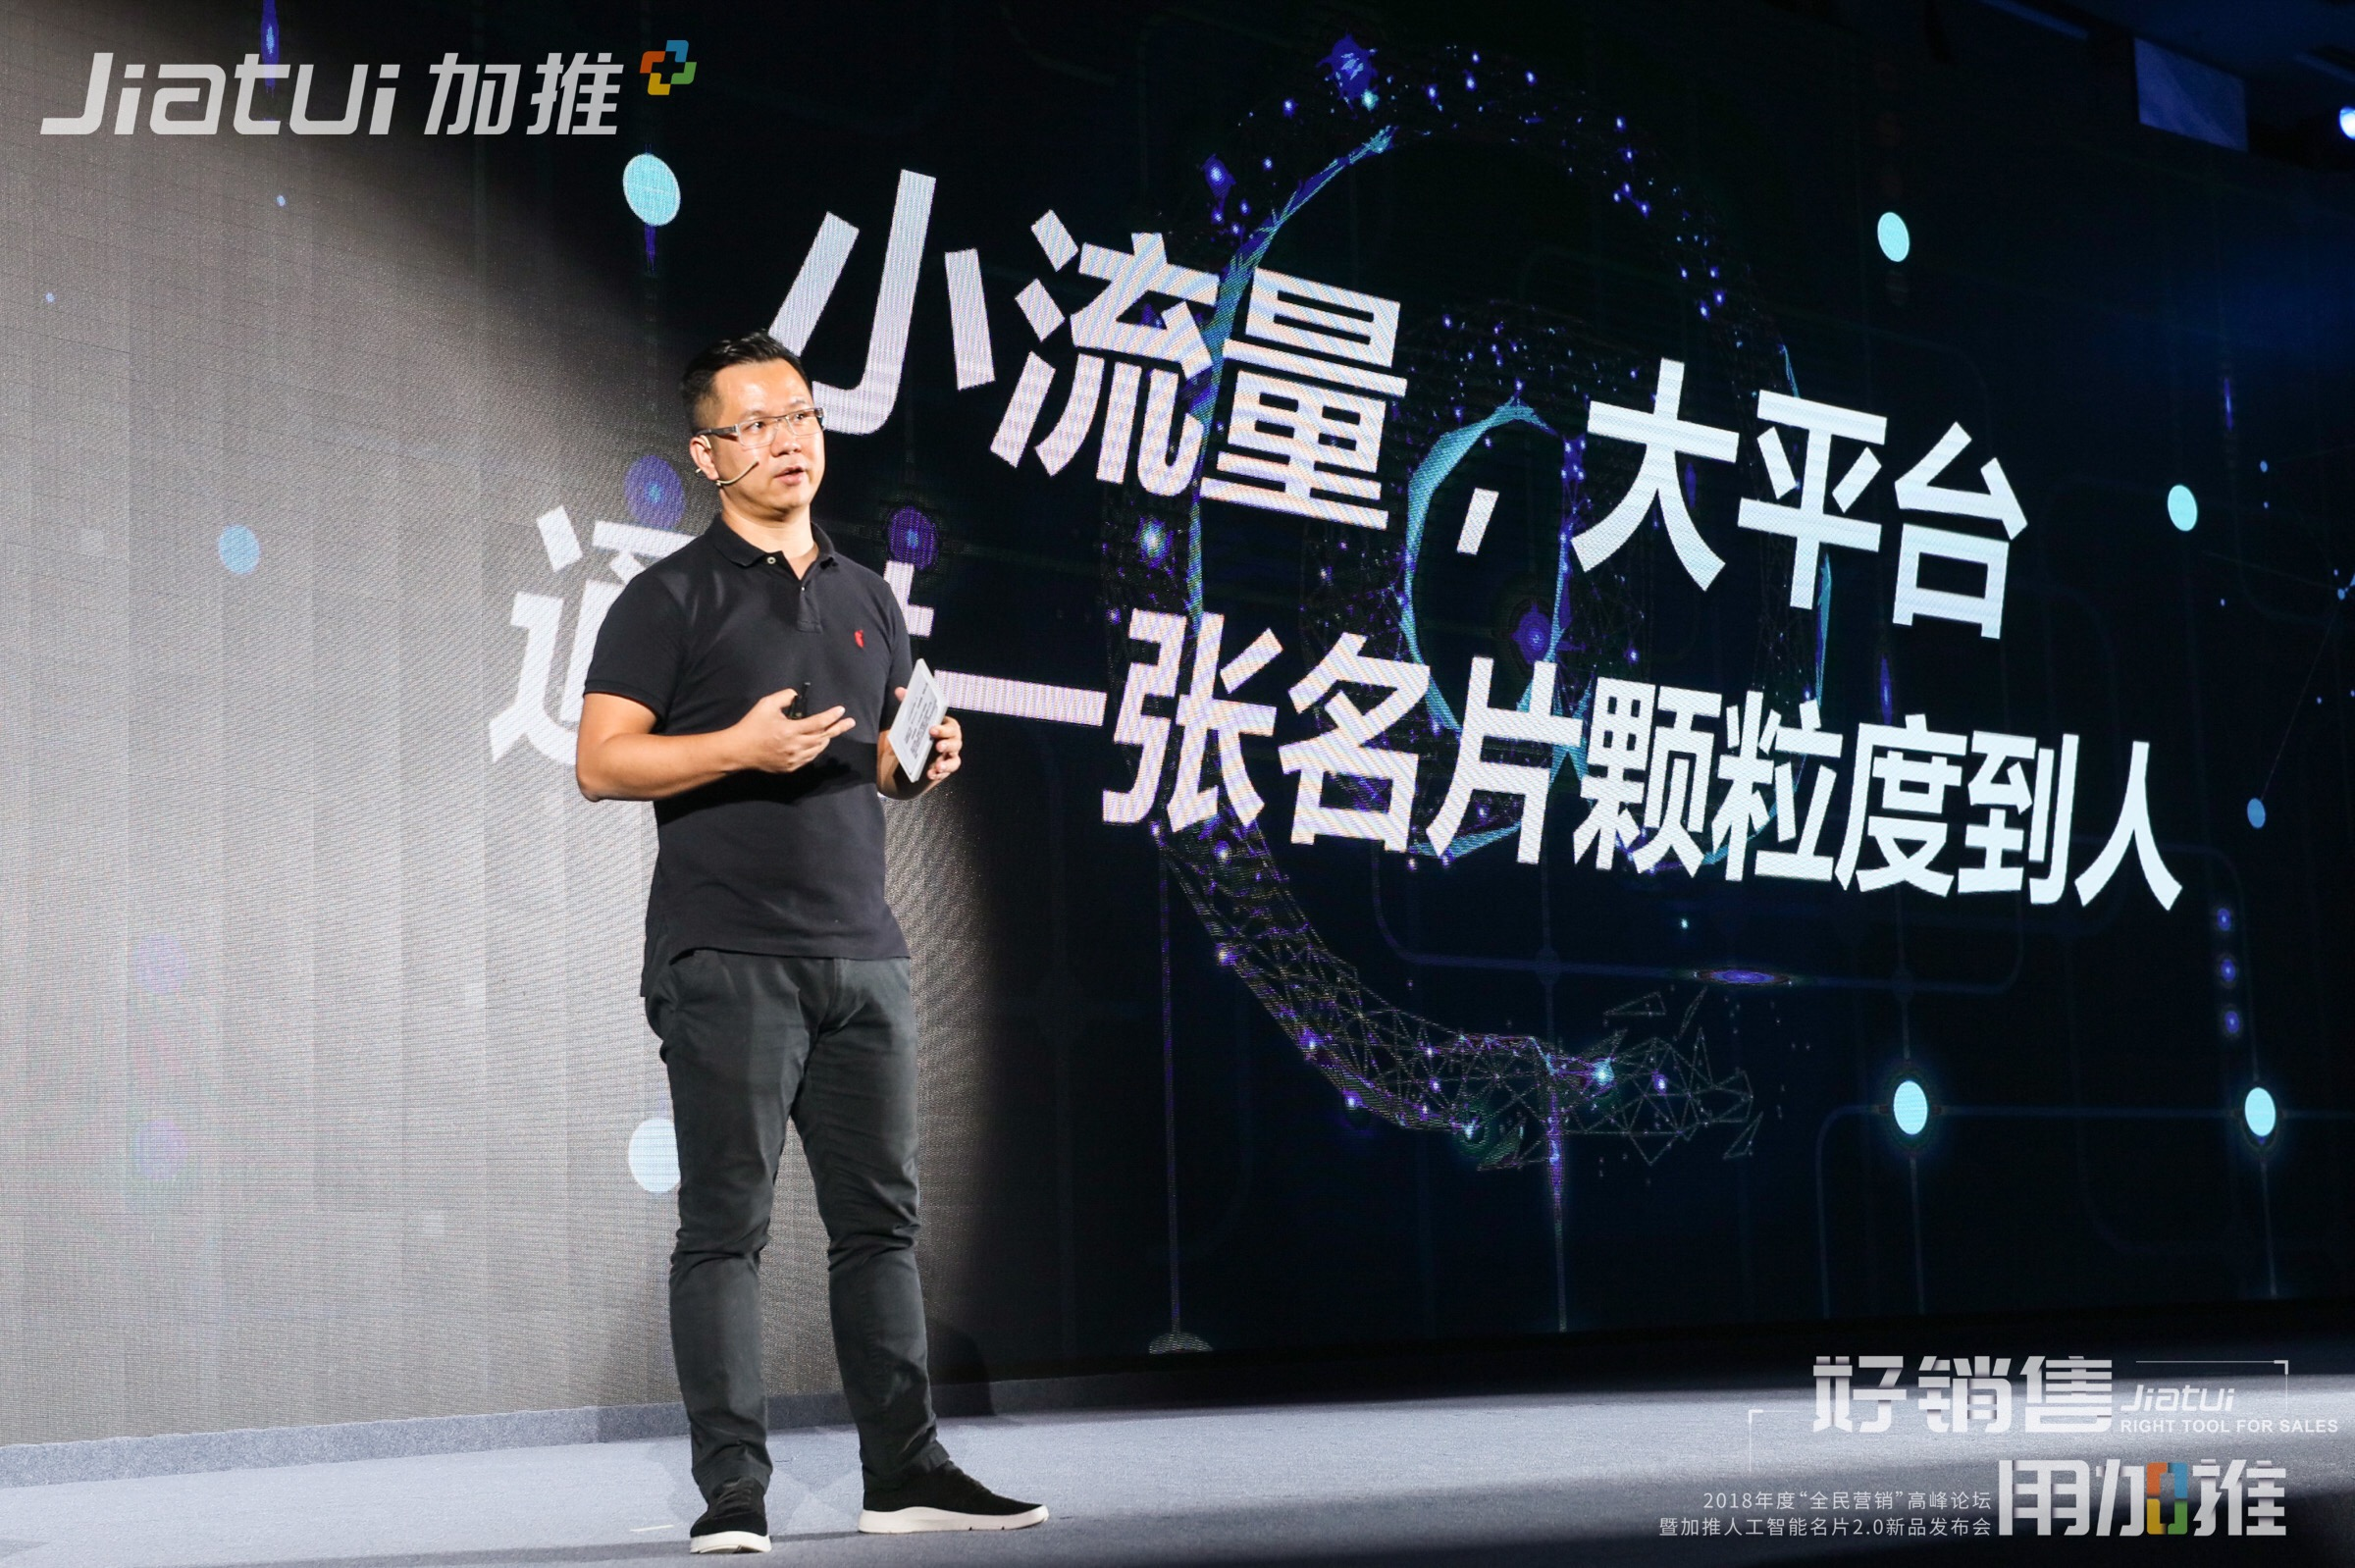 加推COO刘翌:名片电商将为企业营销创造更多可能